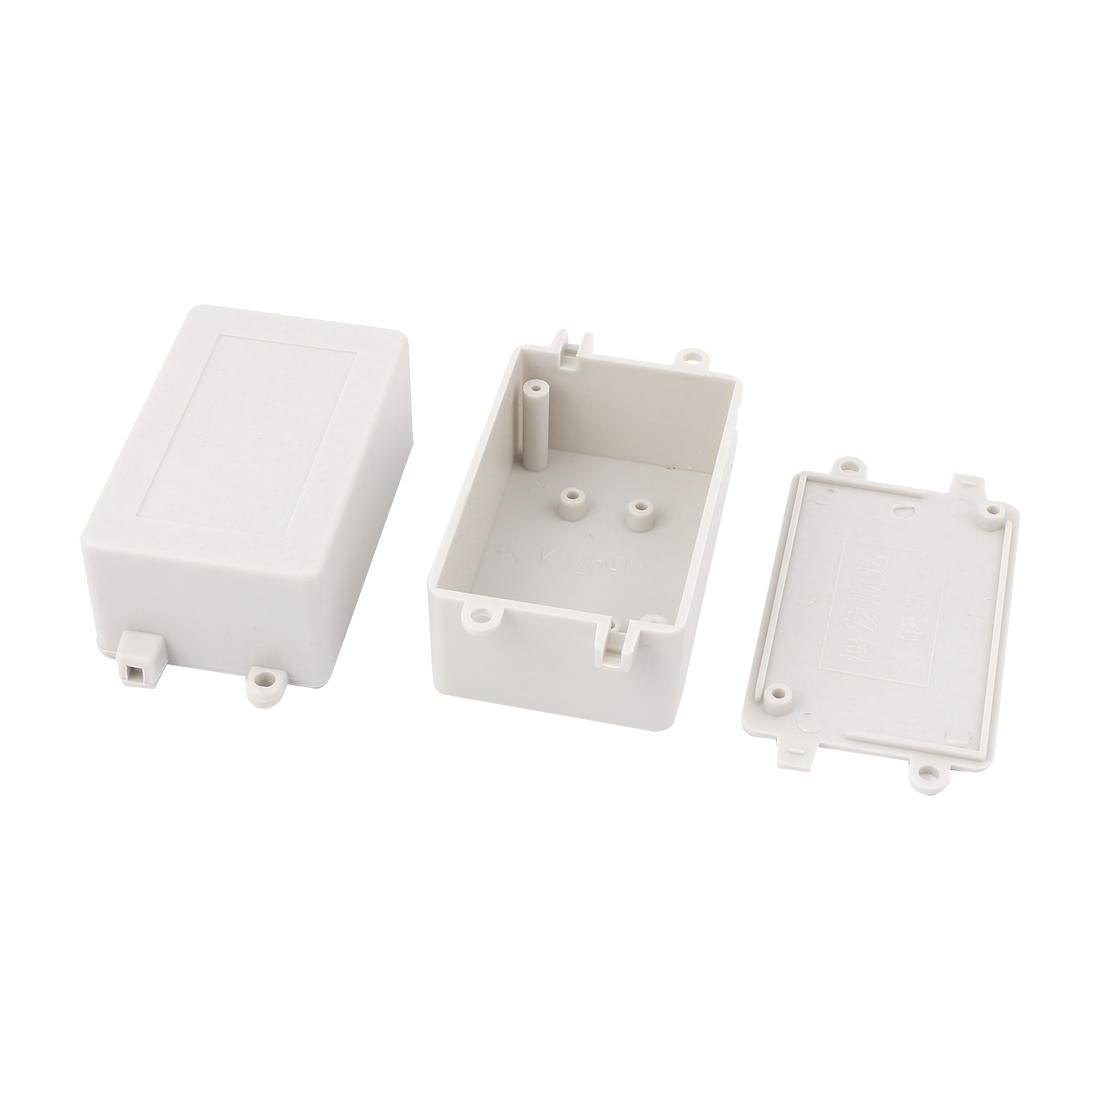 2pcs Plastic Enclosure Electronic Switch Case DIY Junction Box 70x45x30mm